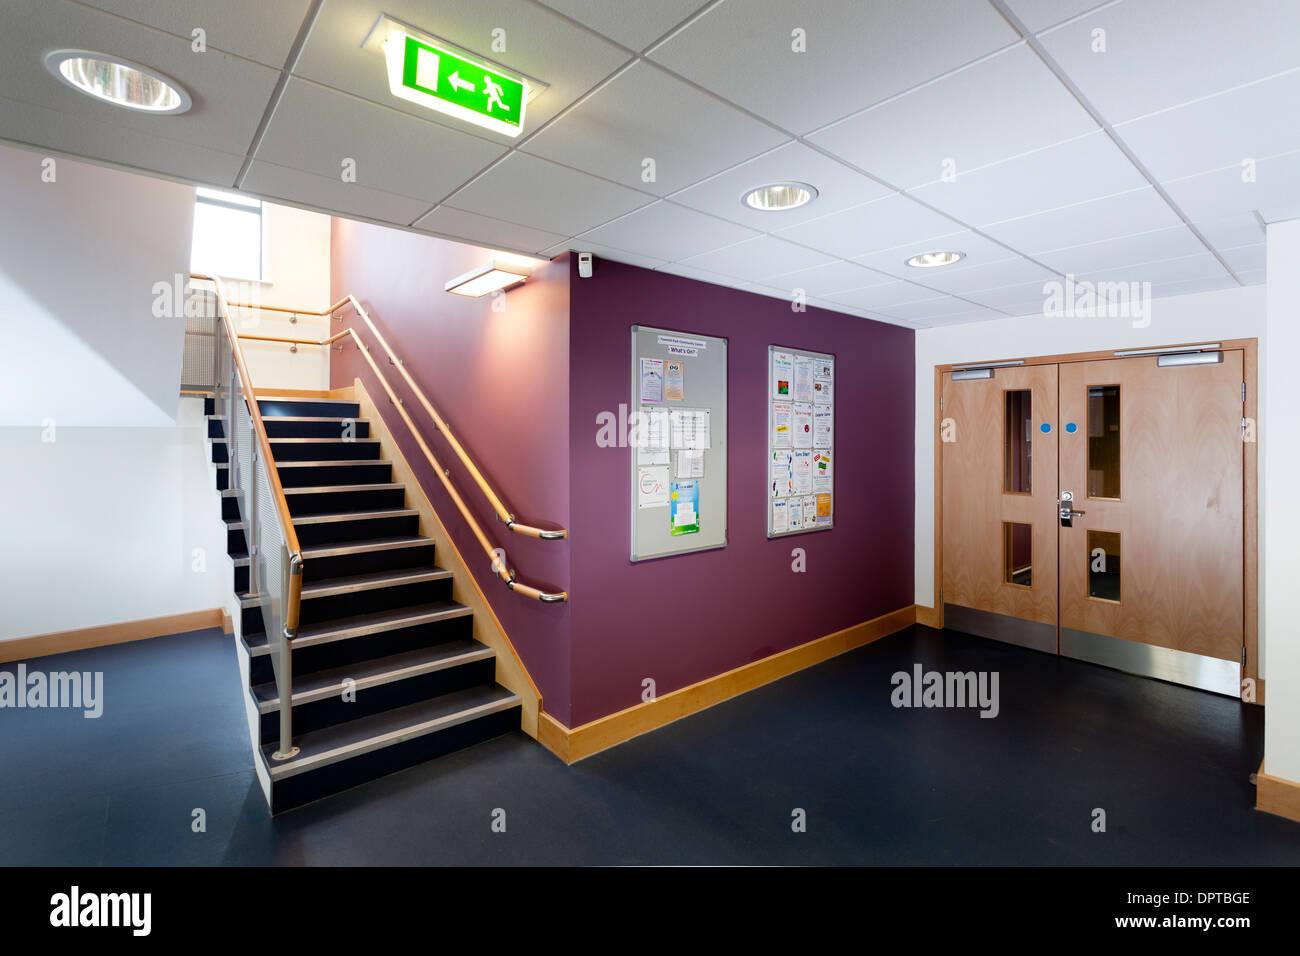 Bureau moderne en escalier couloir avec un témoin lumineux de sortie de secours. Photo Stock